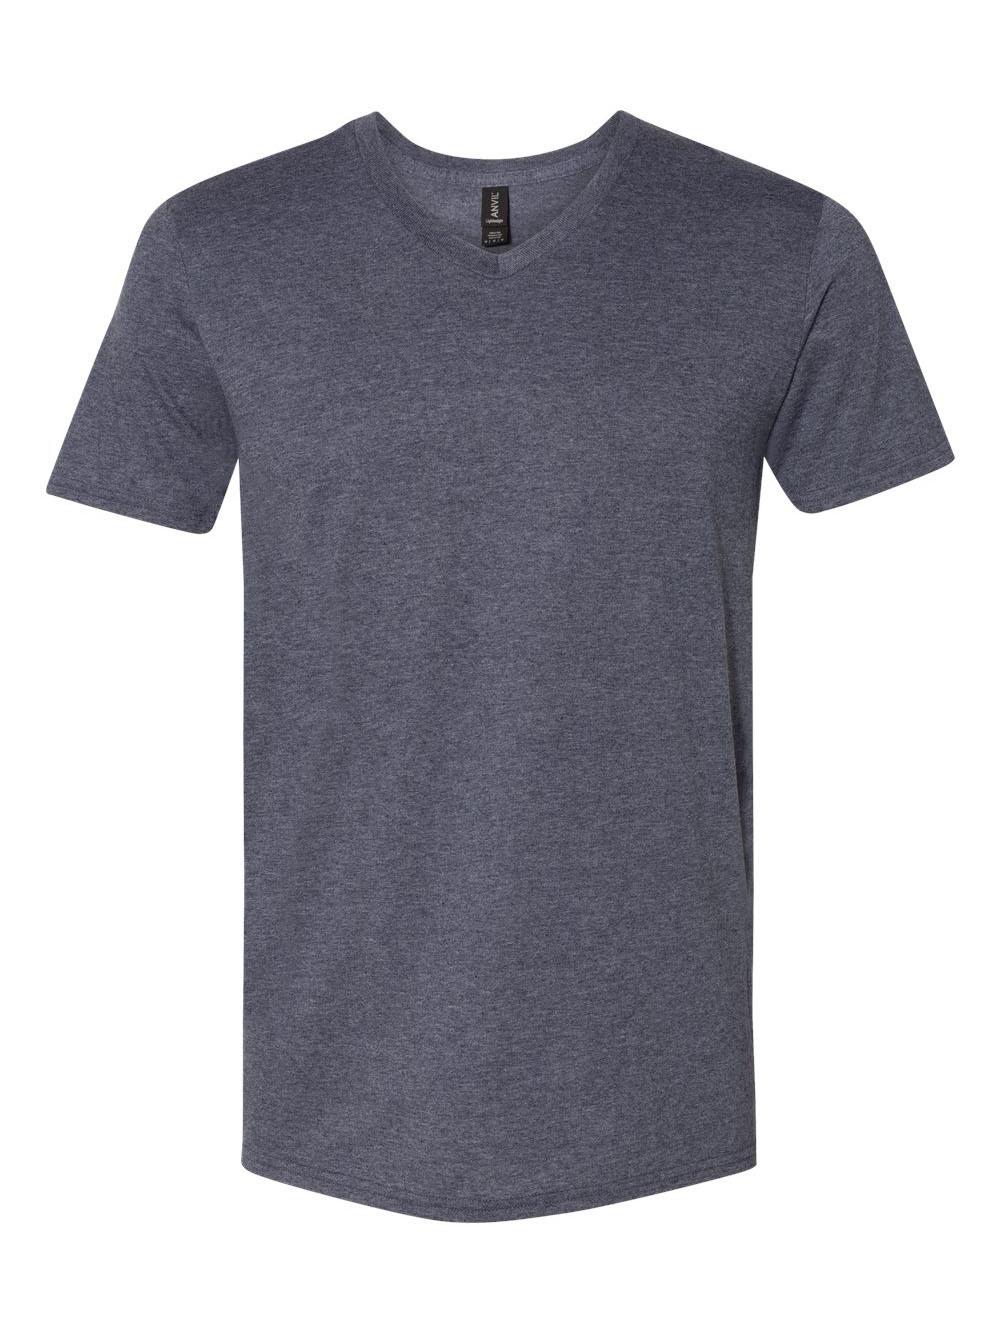 Anvil-Lightweight-Ringspun-V-Neck-T-Shirt-982 thumbnail 15